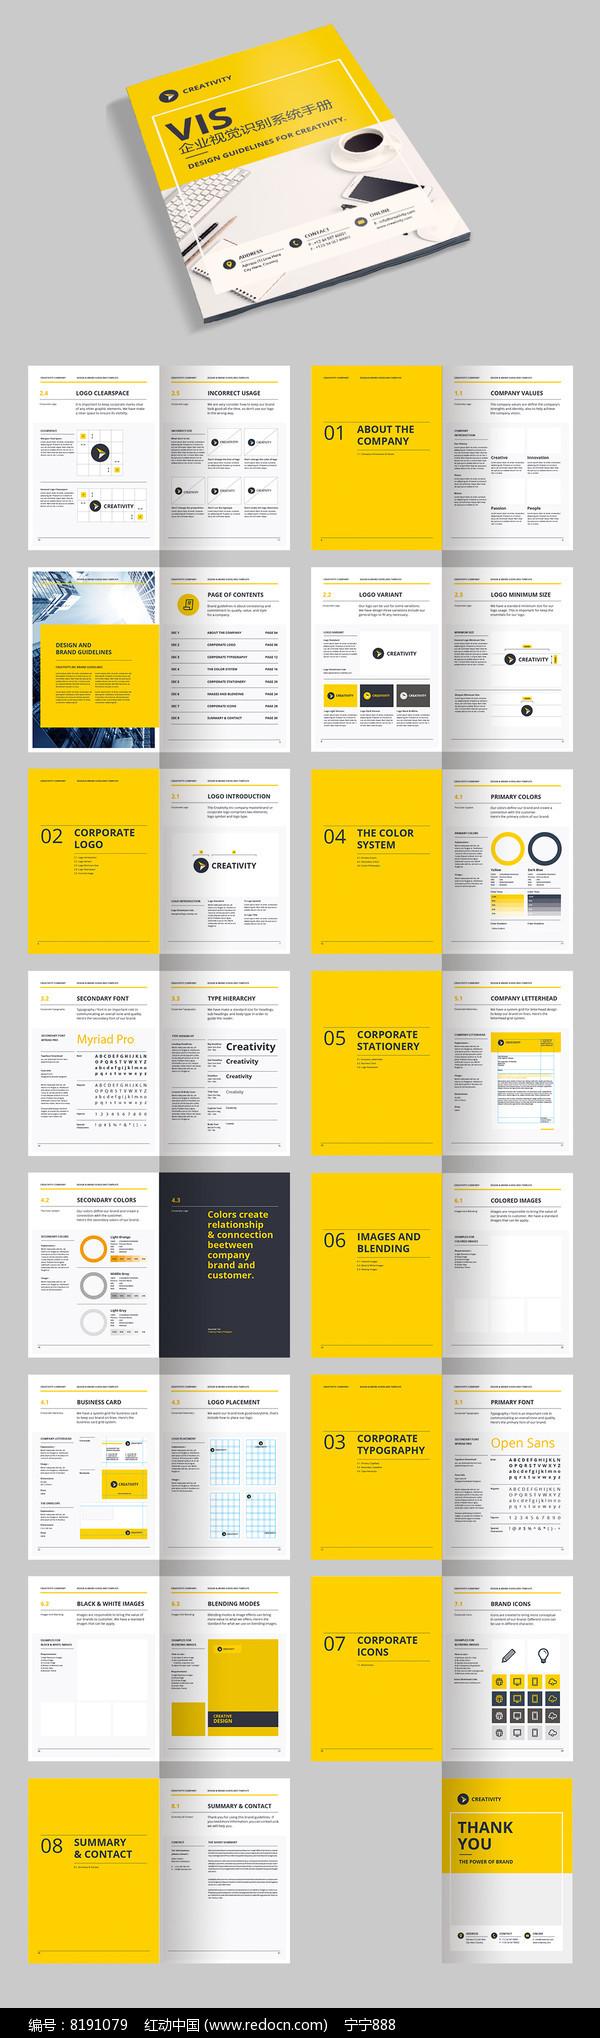 毕业设计集团企业VI视觉识别系统全套vi手册设计模板图片